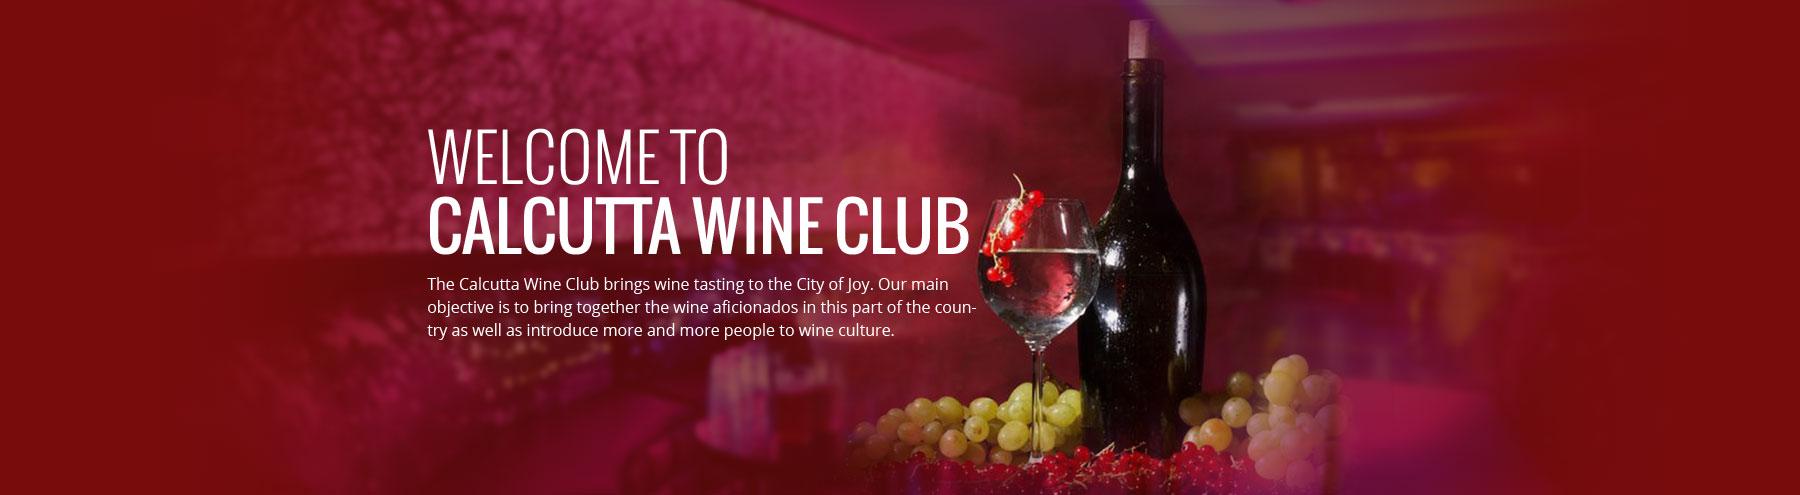 Calcutta Wine Club